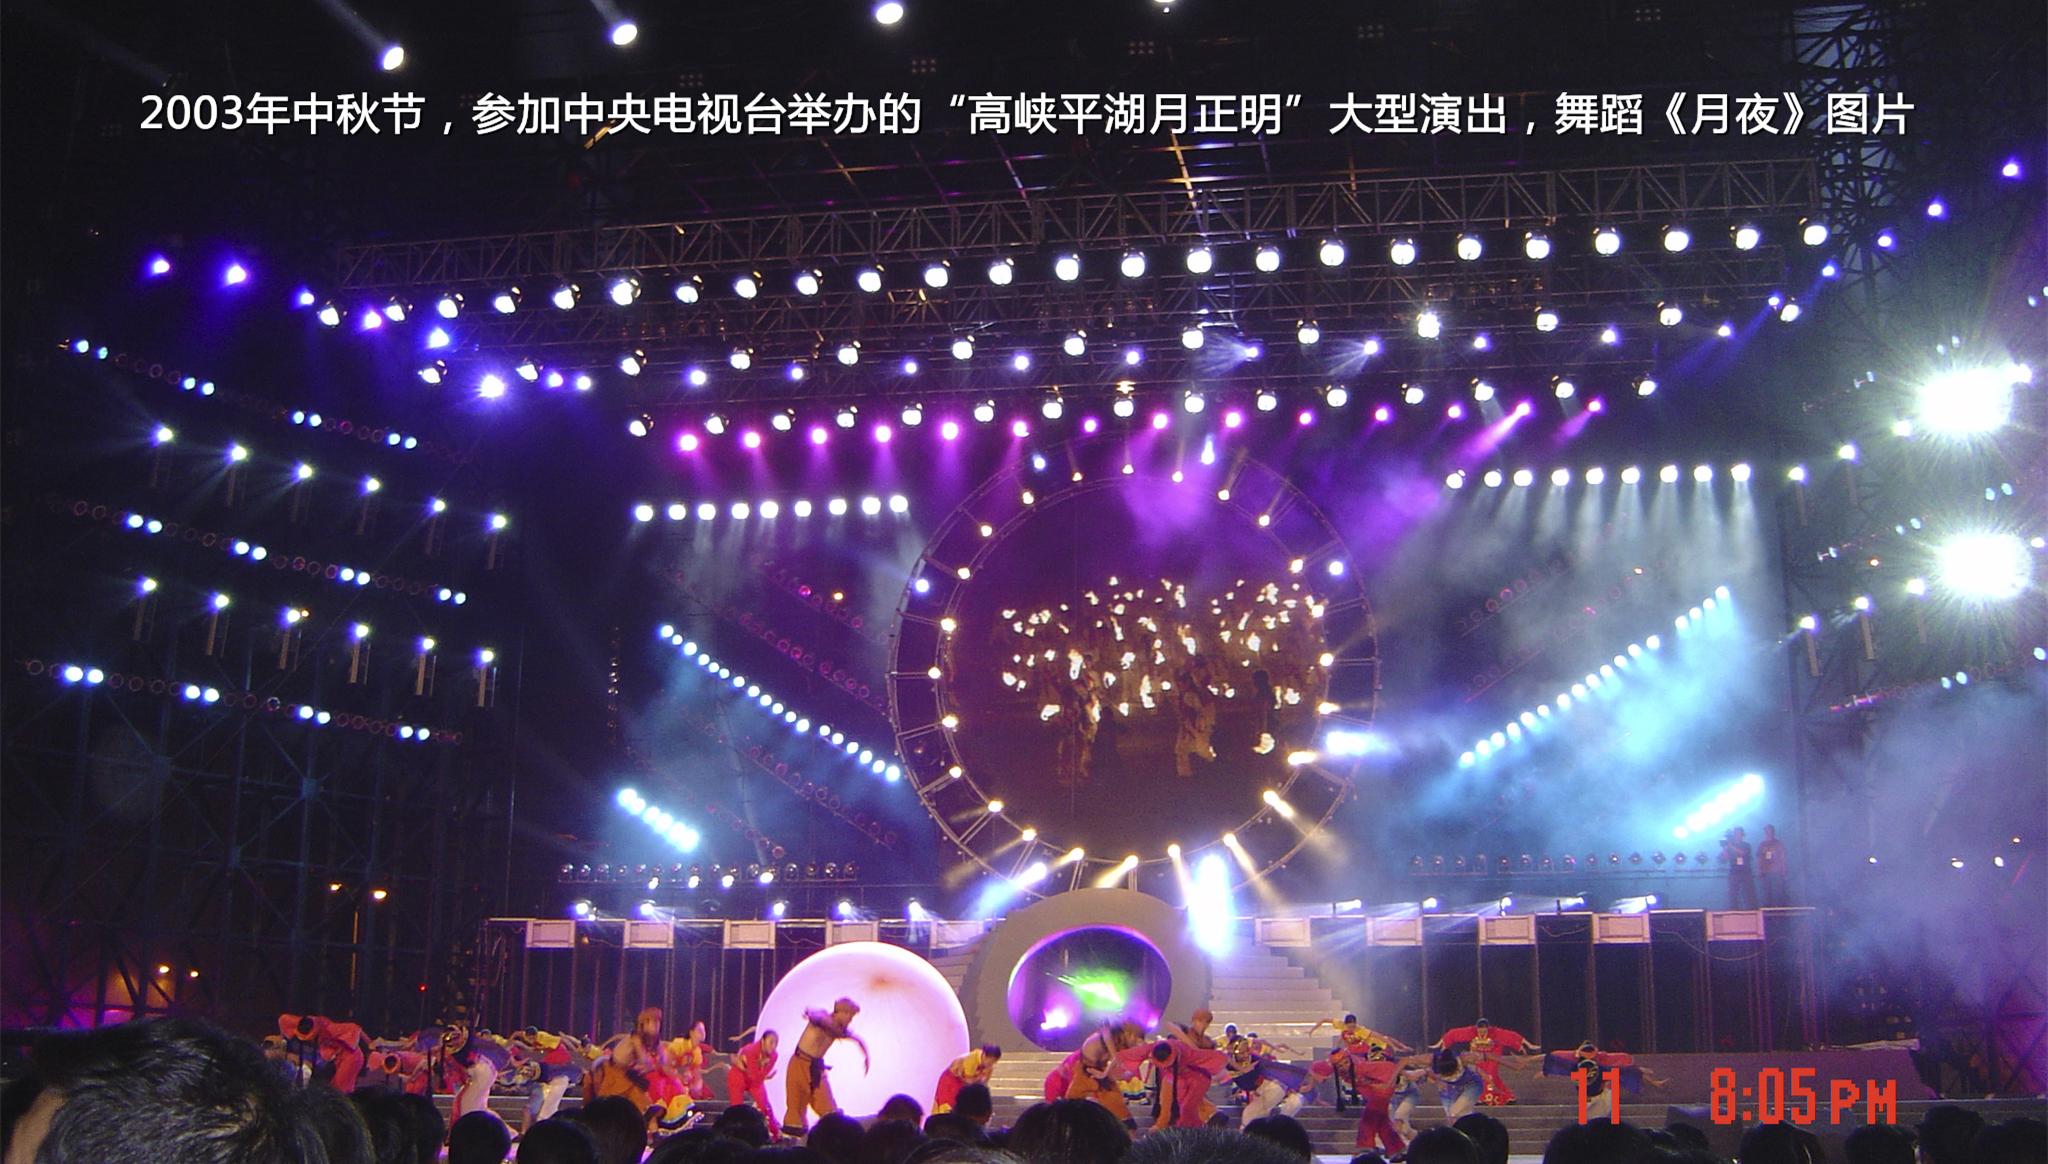 """2003年中秋节,参加中央电视台举办的""""高峡平湖月正明""""大型演出,舞蹈《月夜》wps图片.jpg"""